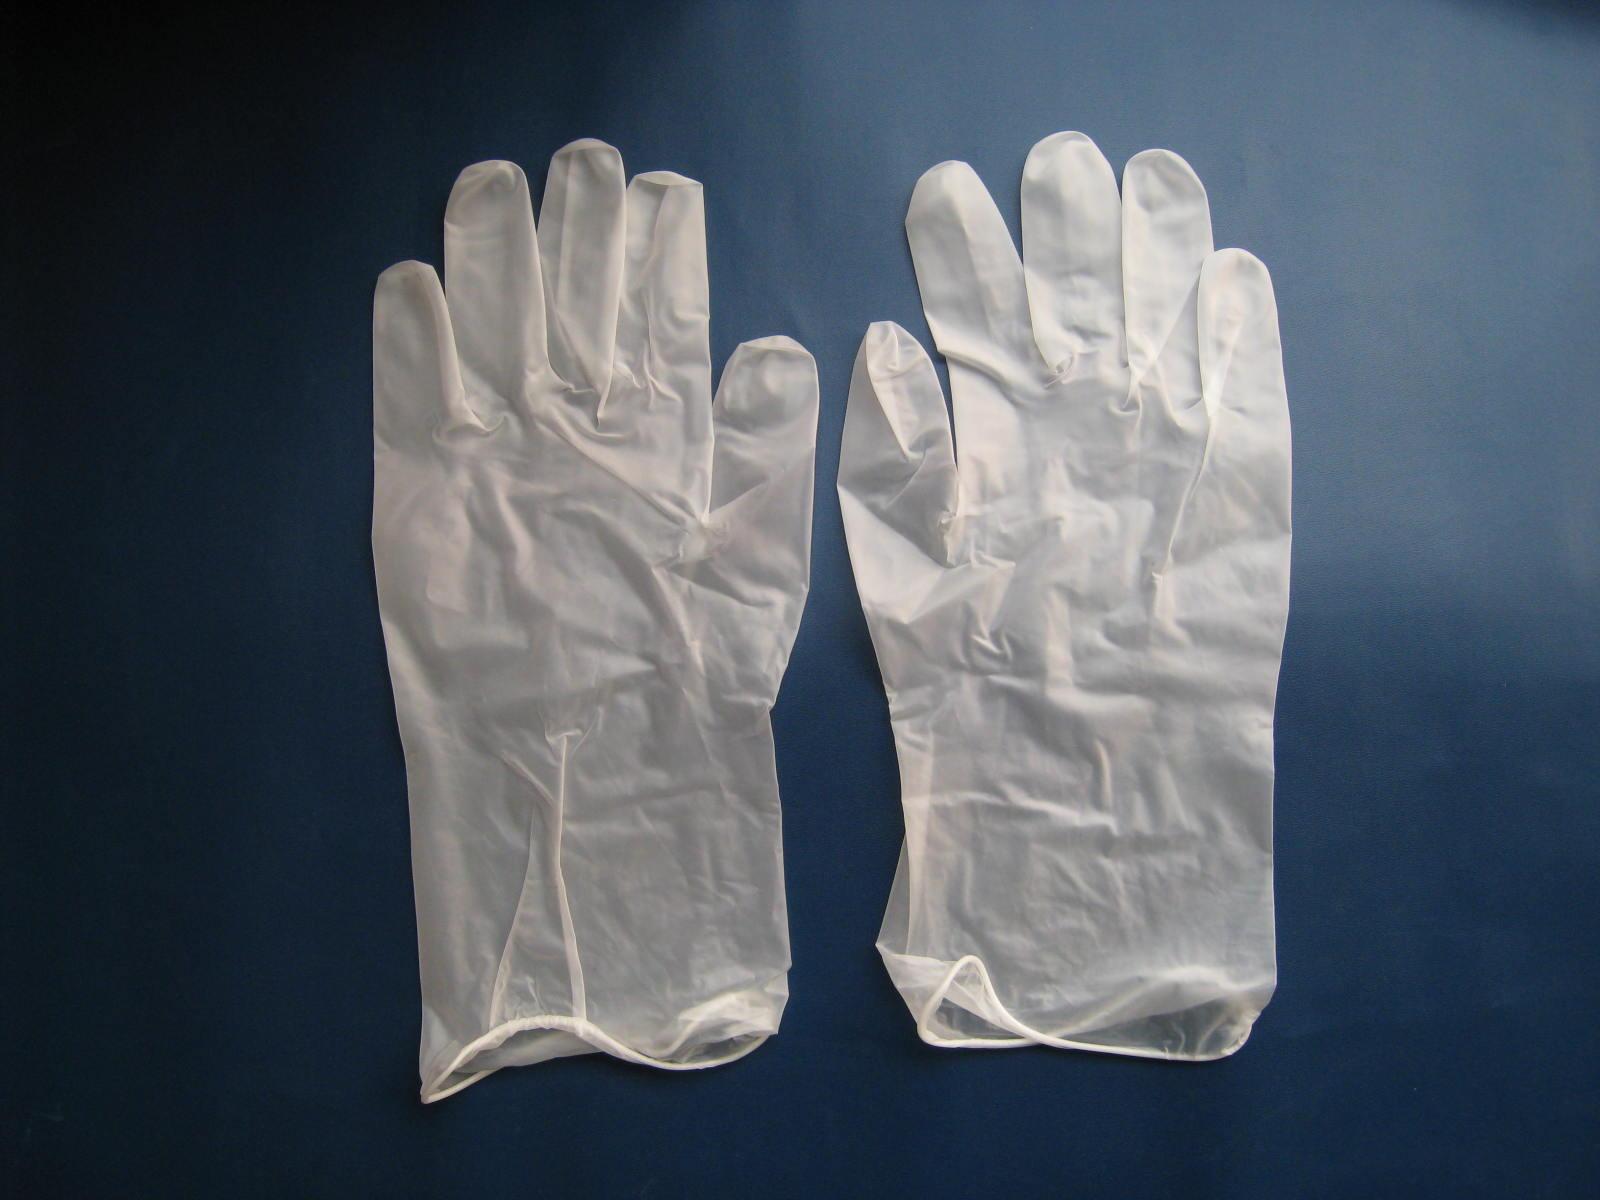 供应麻面9寸乳胶手套 无粉9寸乳胶手套 9寸乳胶手套价格 12寸乳胶手套